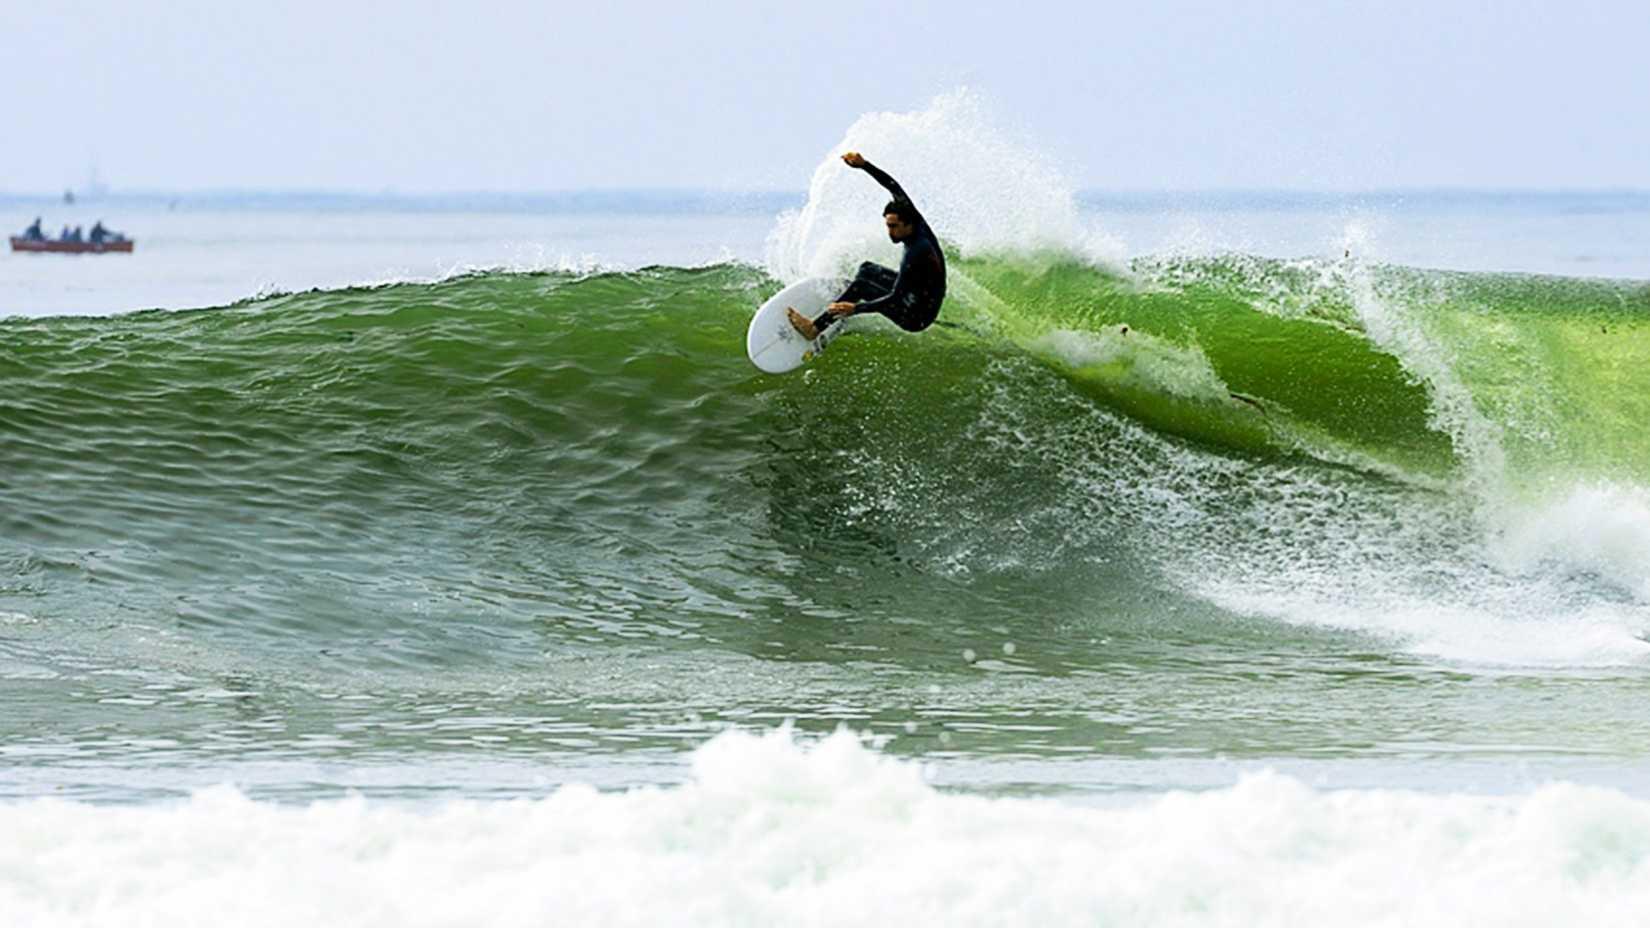 Noi Kaulukukui is seen surfing The Hook in Santa Cruz. (Photo by Santa Cruz Waves / Ben Ingram )